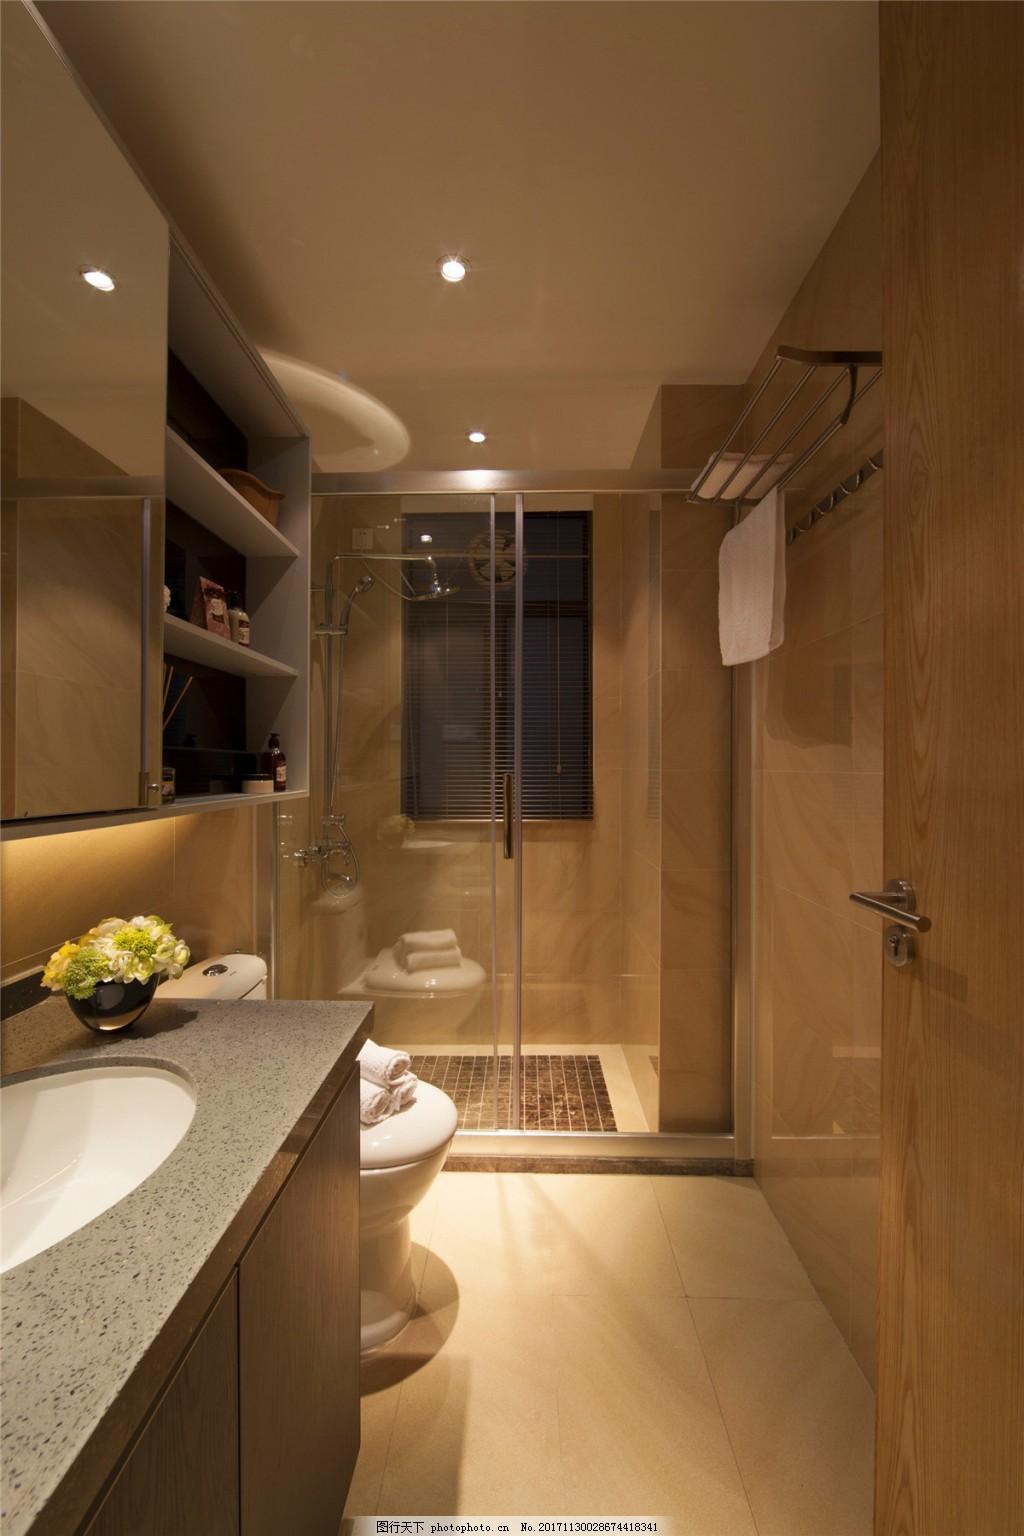 简约时尚卫生间洗手盆装修效果图 玻璃隔断 马桶 淋浴间 白色射灯